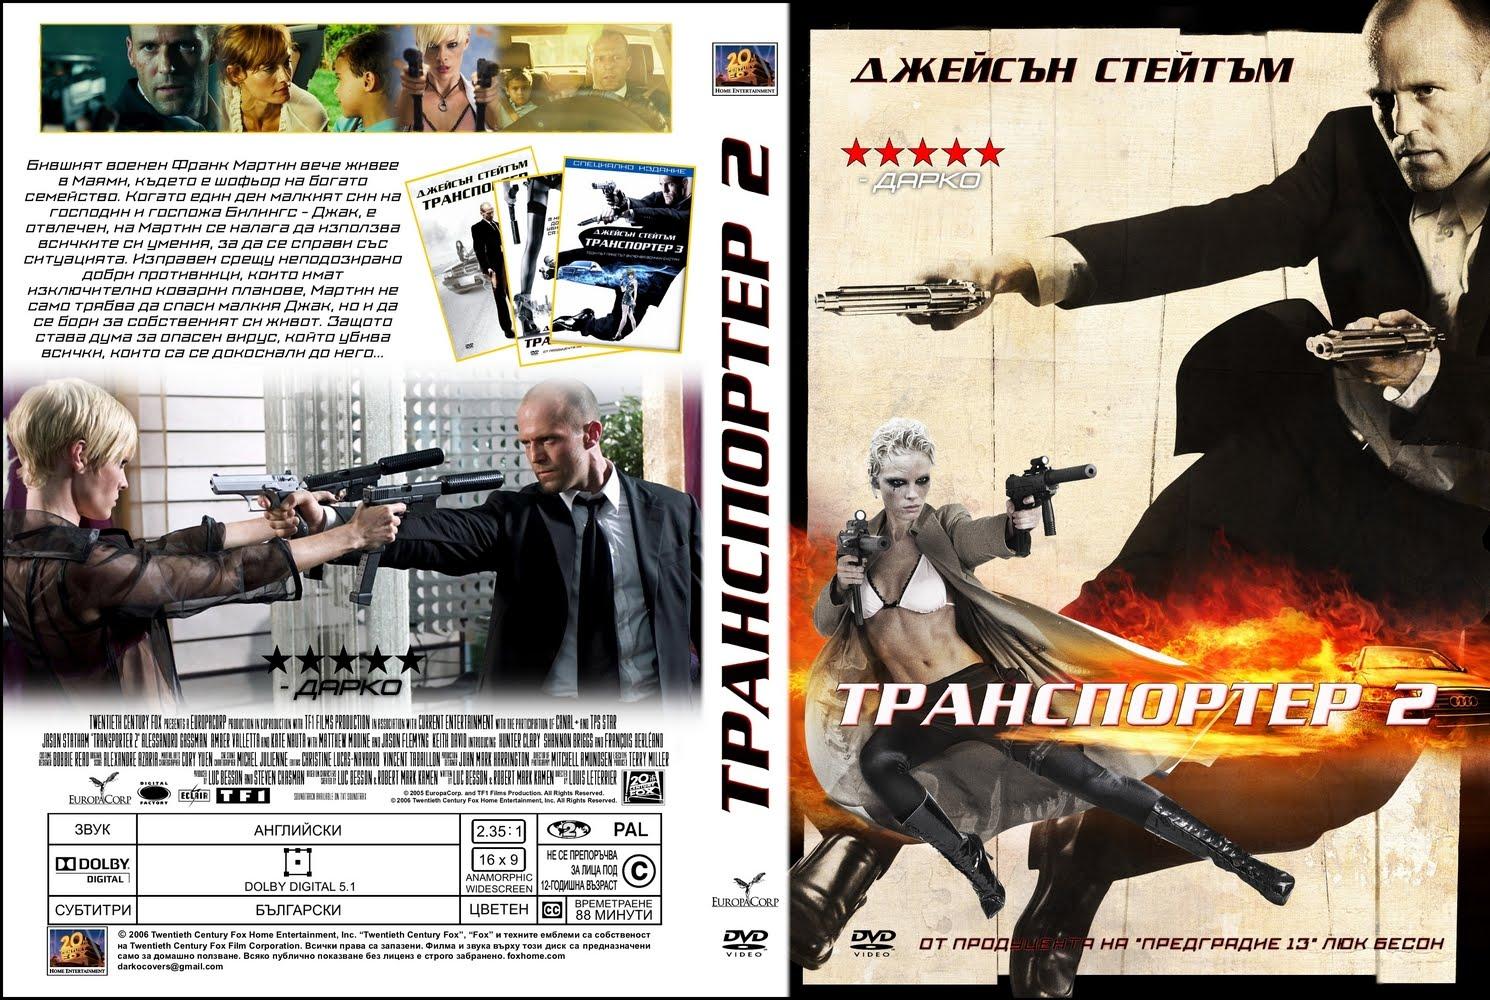 Shuqi.org - The Transporter - DVD Details |Transporter 2 Dvd Cover